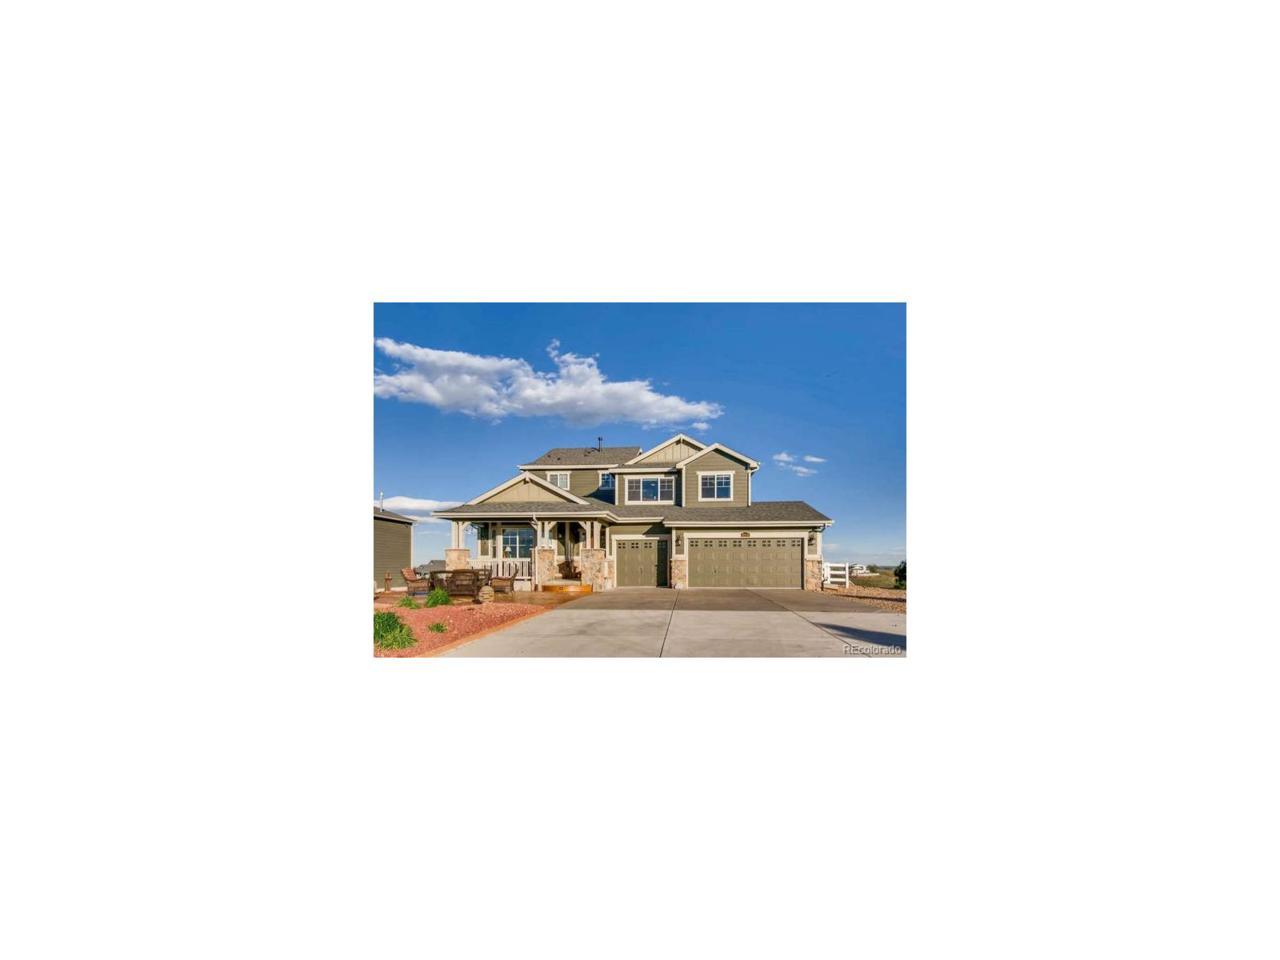 10830 E 151st Place, Brighton, CO 80602 (MLS #9110772) :: 8z Real Estate